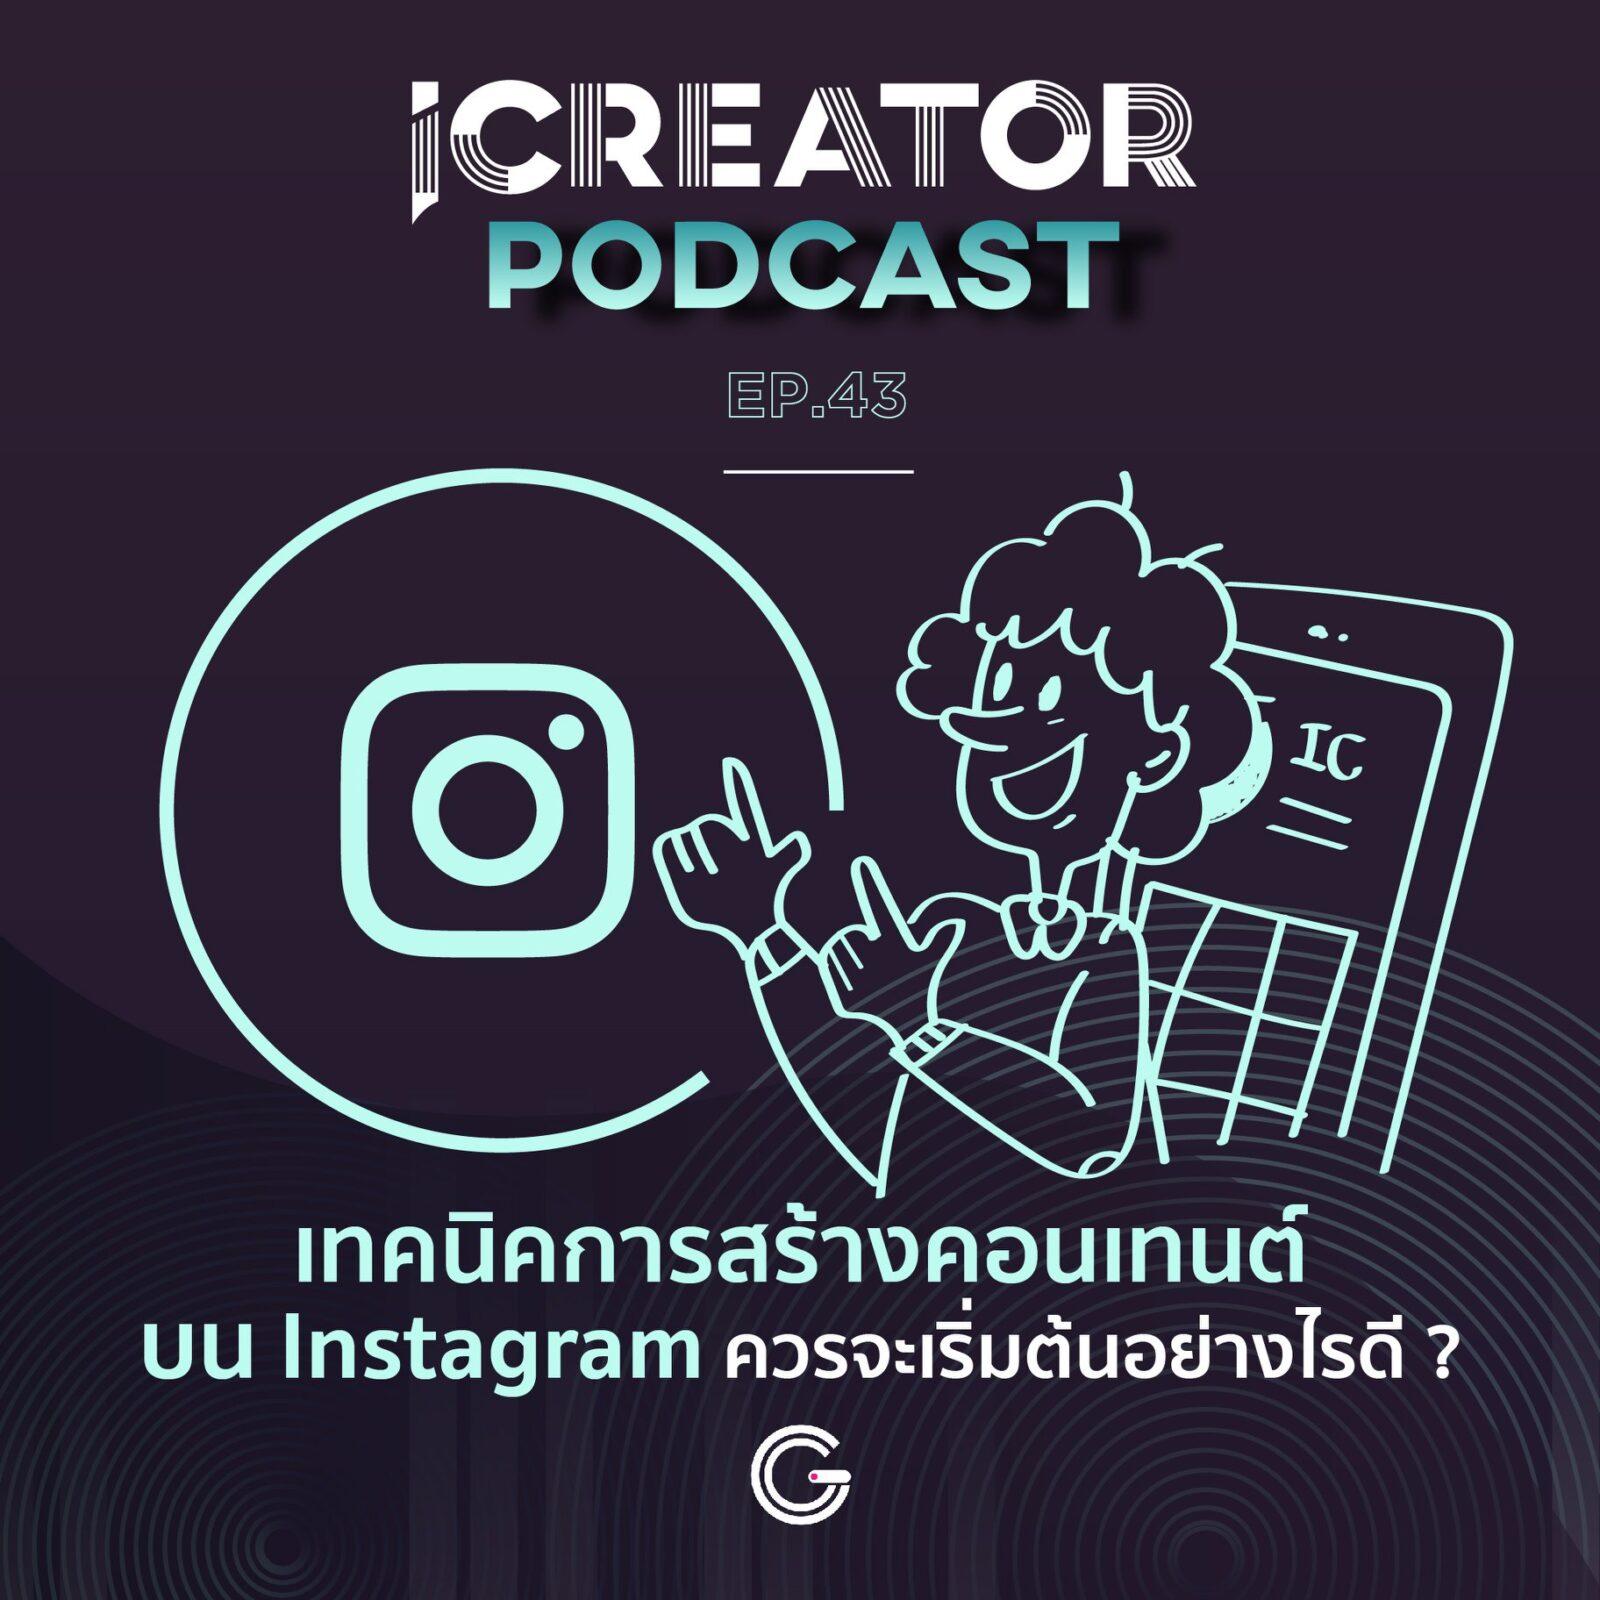 เทคนิคการสร้างคอนเทนต์บน Instagram ควรจะเริ่มต้นอย่างไรดี ?